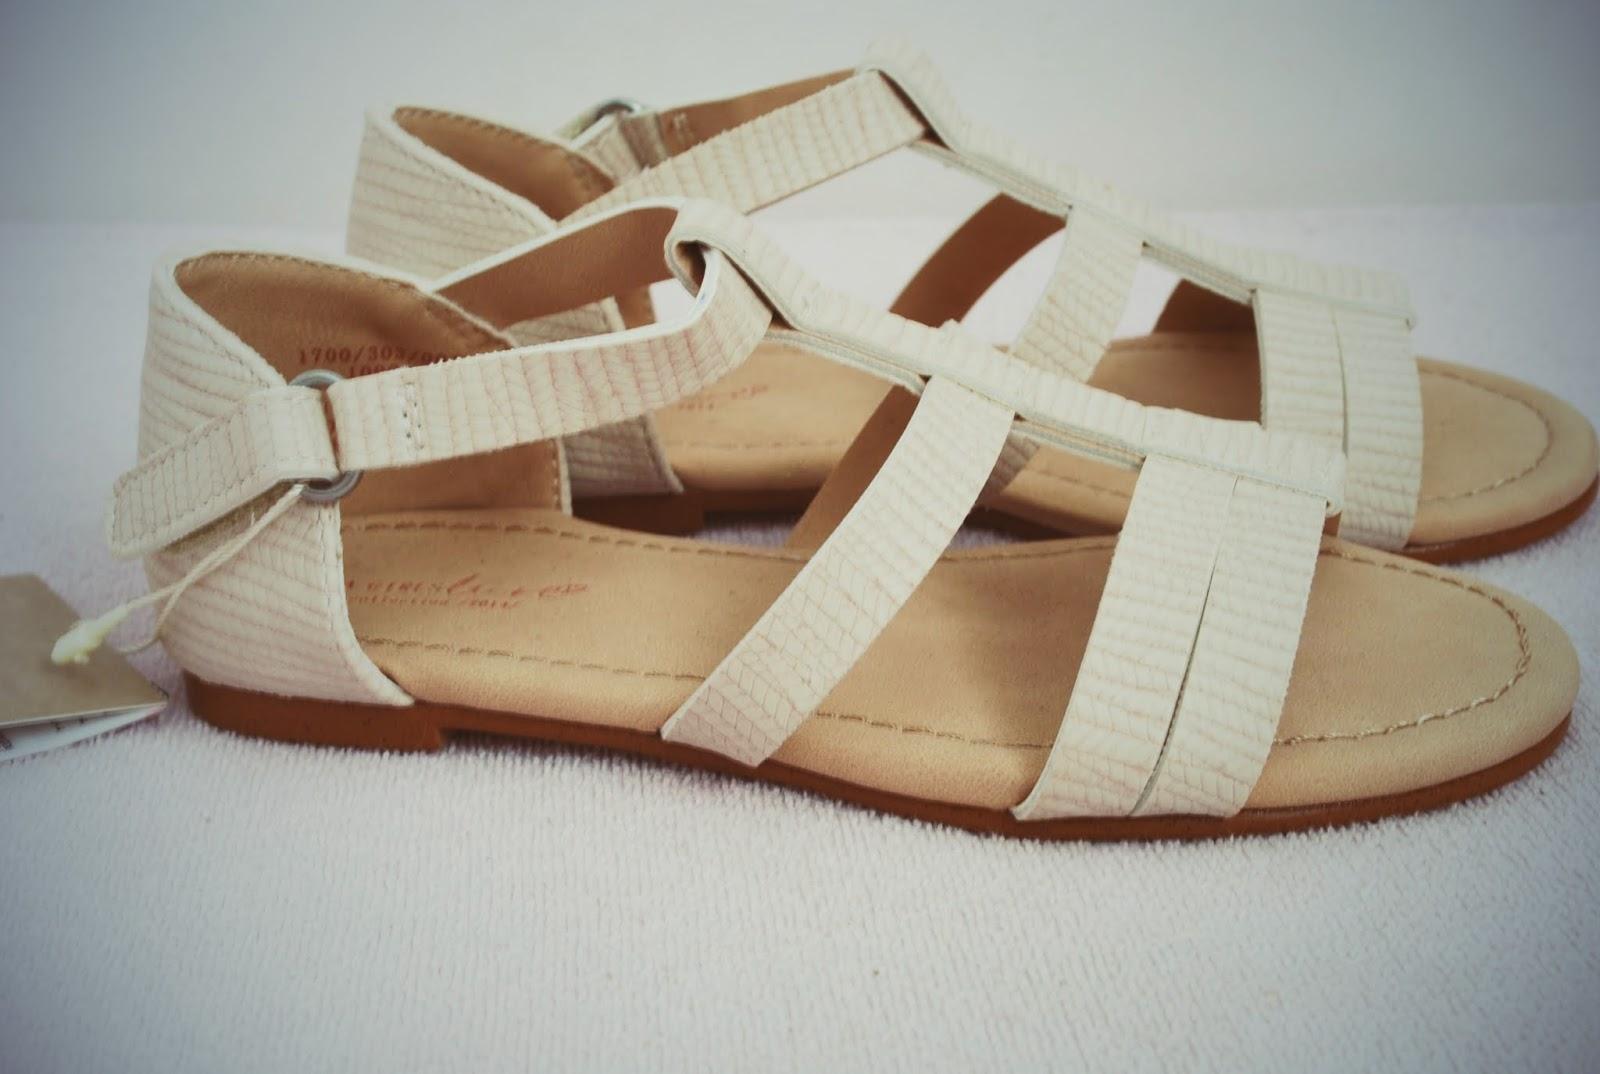 Sandały dla dzieci - nasze typy, małe wilczki, blog o modzie dziecięcej, sandały dla dzieci Zara, Elefanten